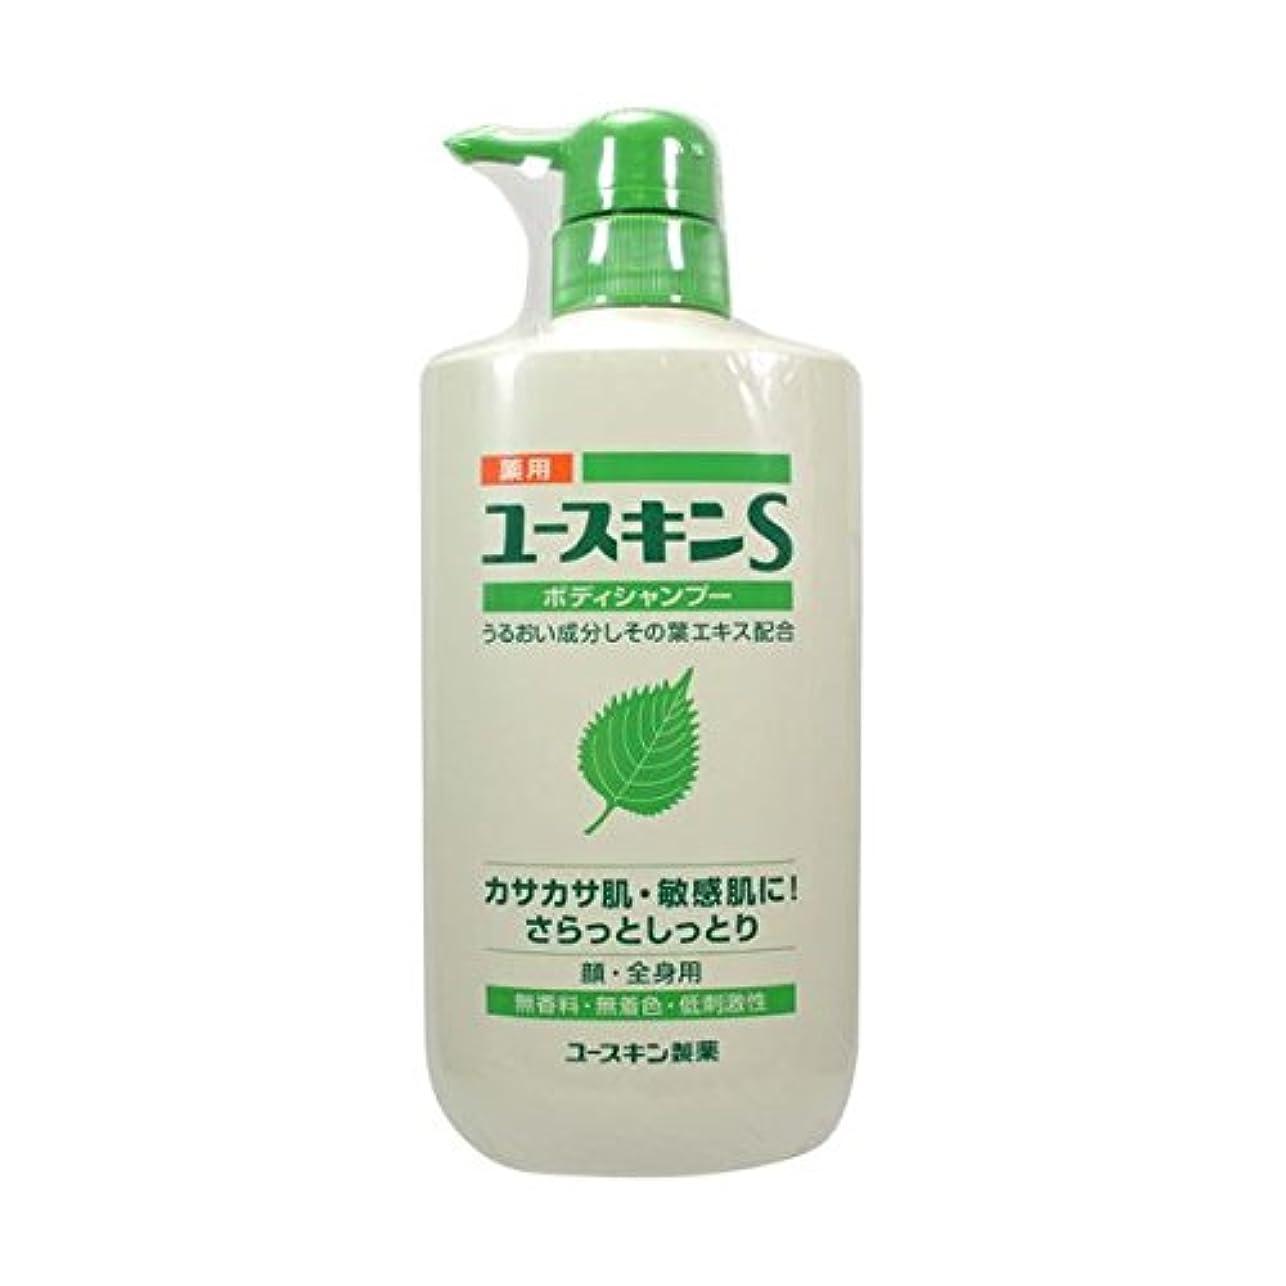 全国早熟洗剤【2個】 薬用ユースキンSボディシャンプー 500ml ×2個セット 4987353010510-2